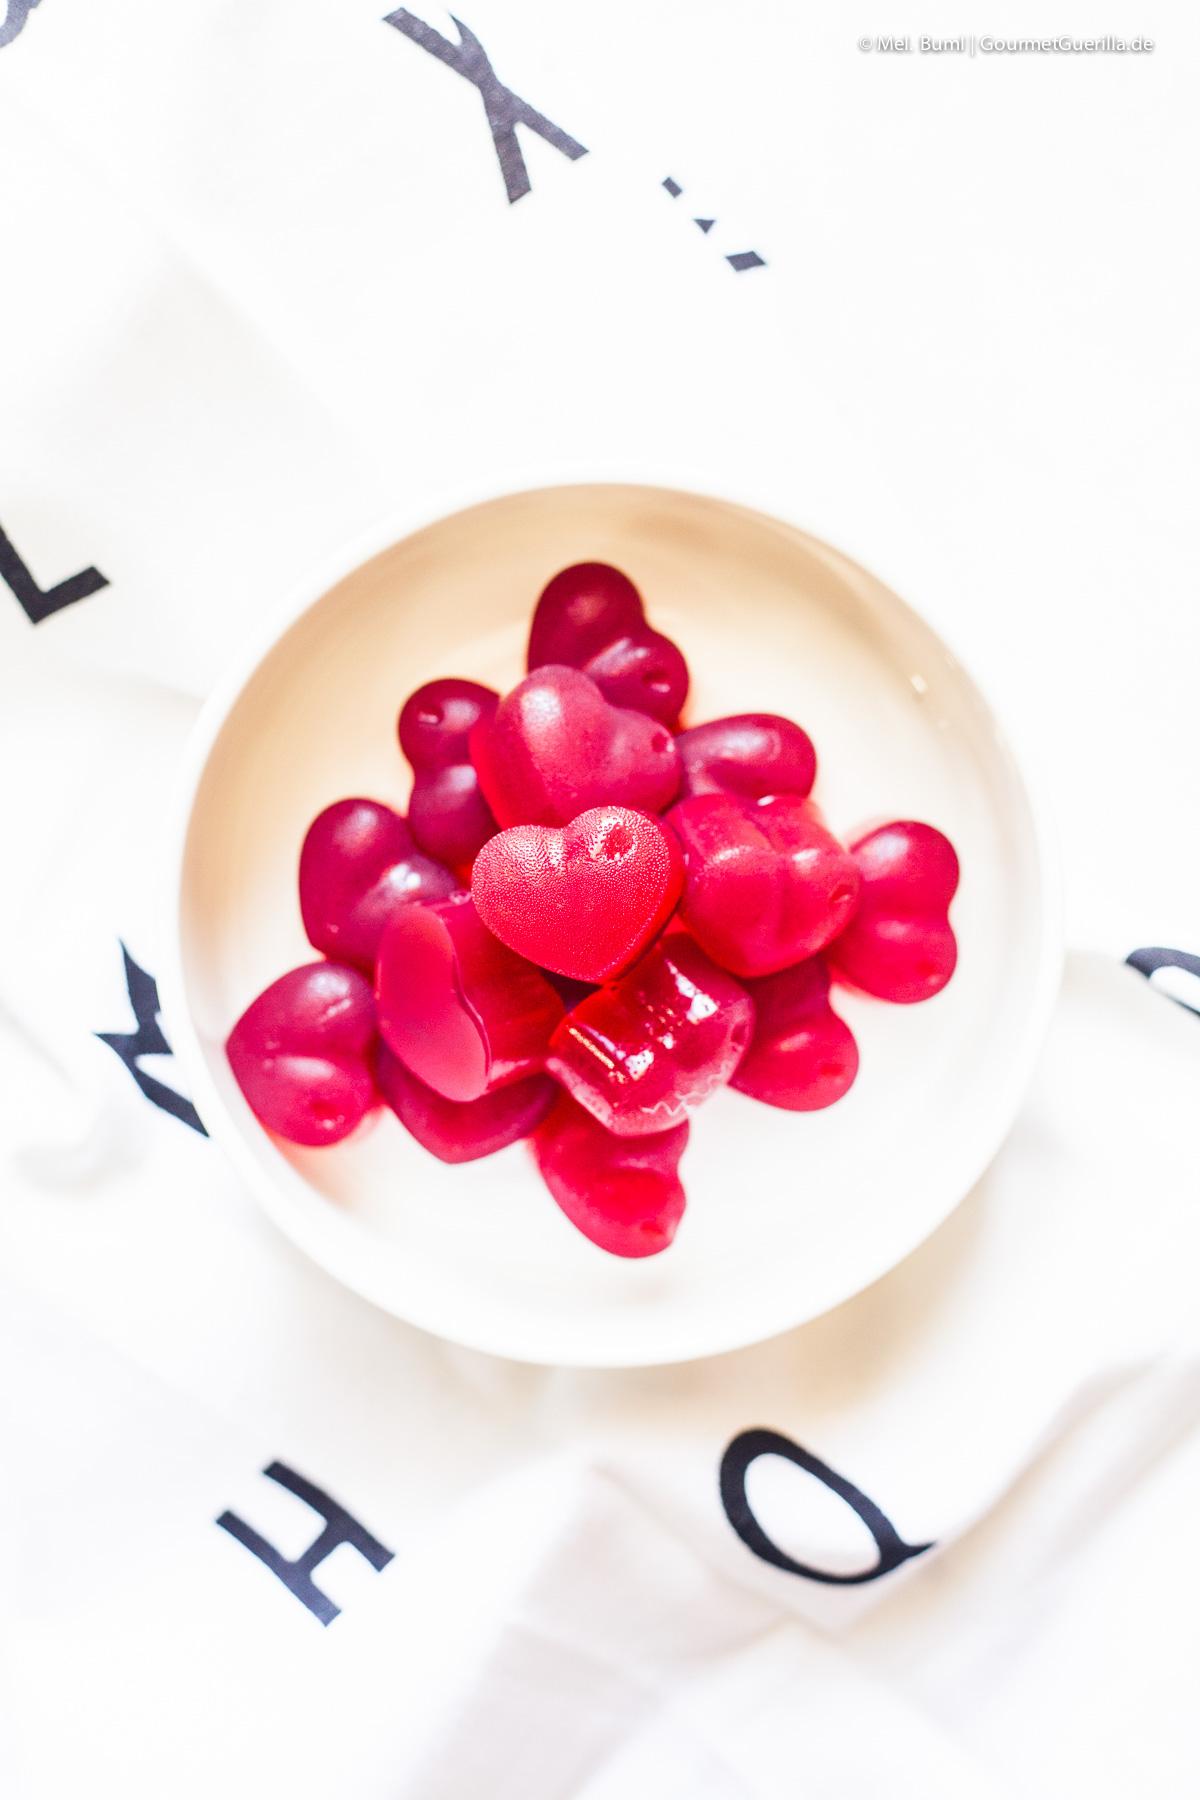 Vegane Multivitamin-Fruchtgummis selbermachen |GourmetGuerilla.de